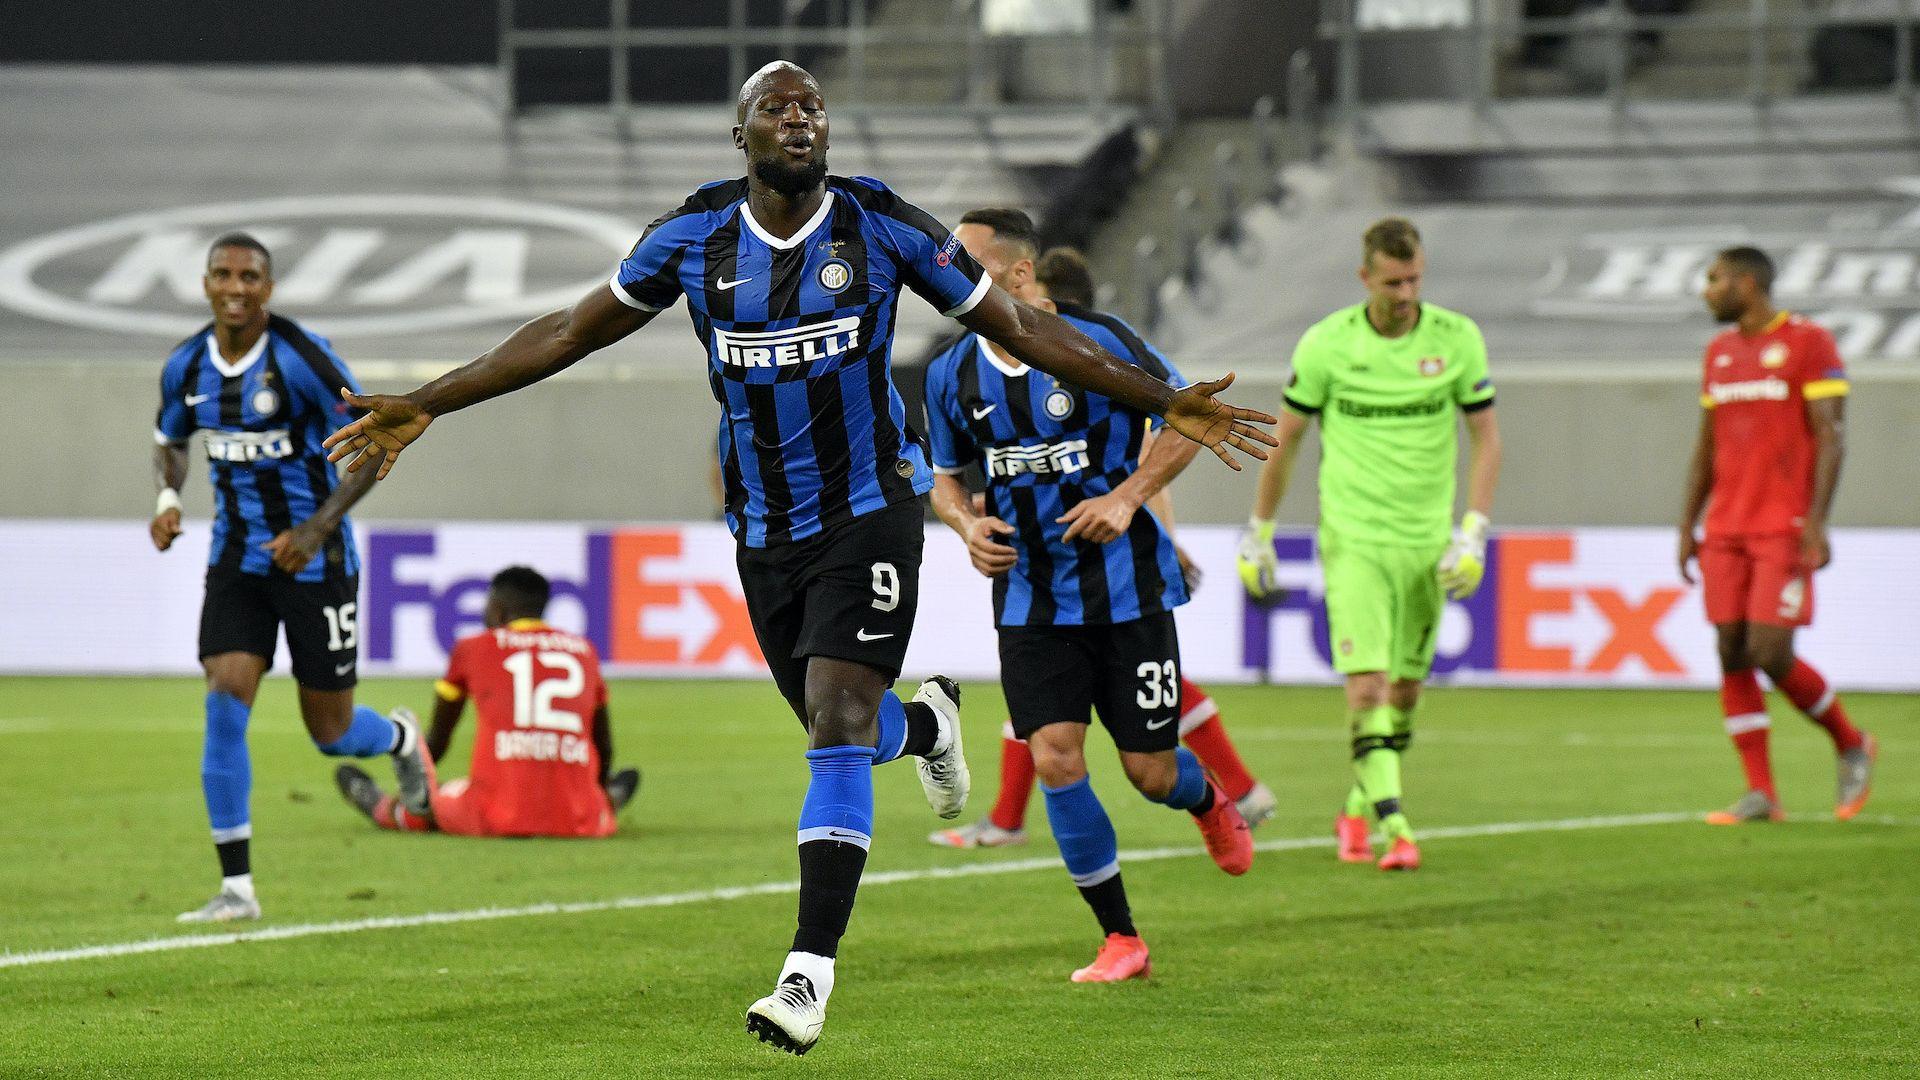 Различни пътища, една цел - Интер и Юнайтед са полуфиналисти в Лига Европа